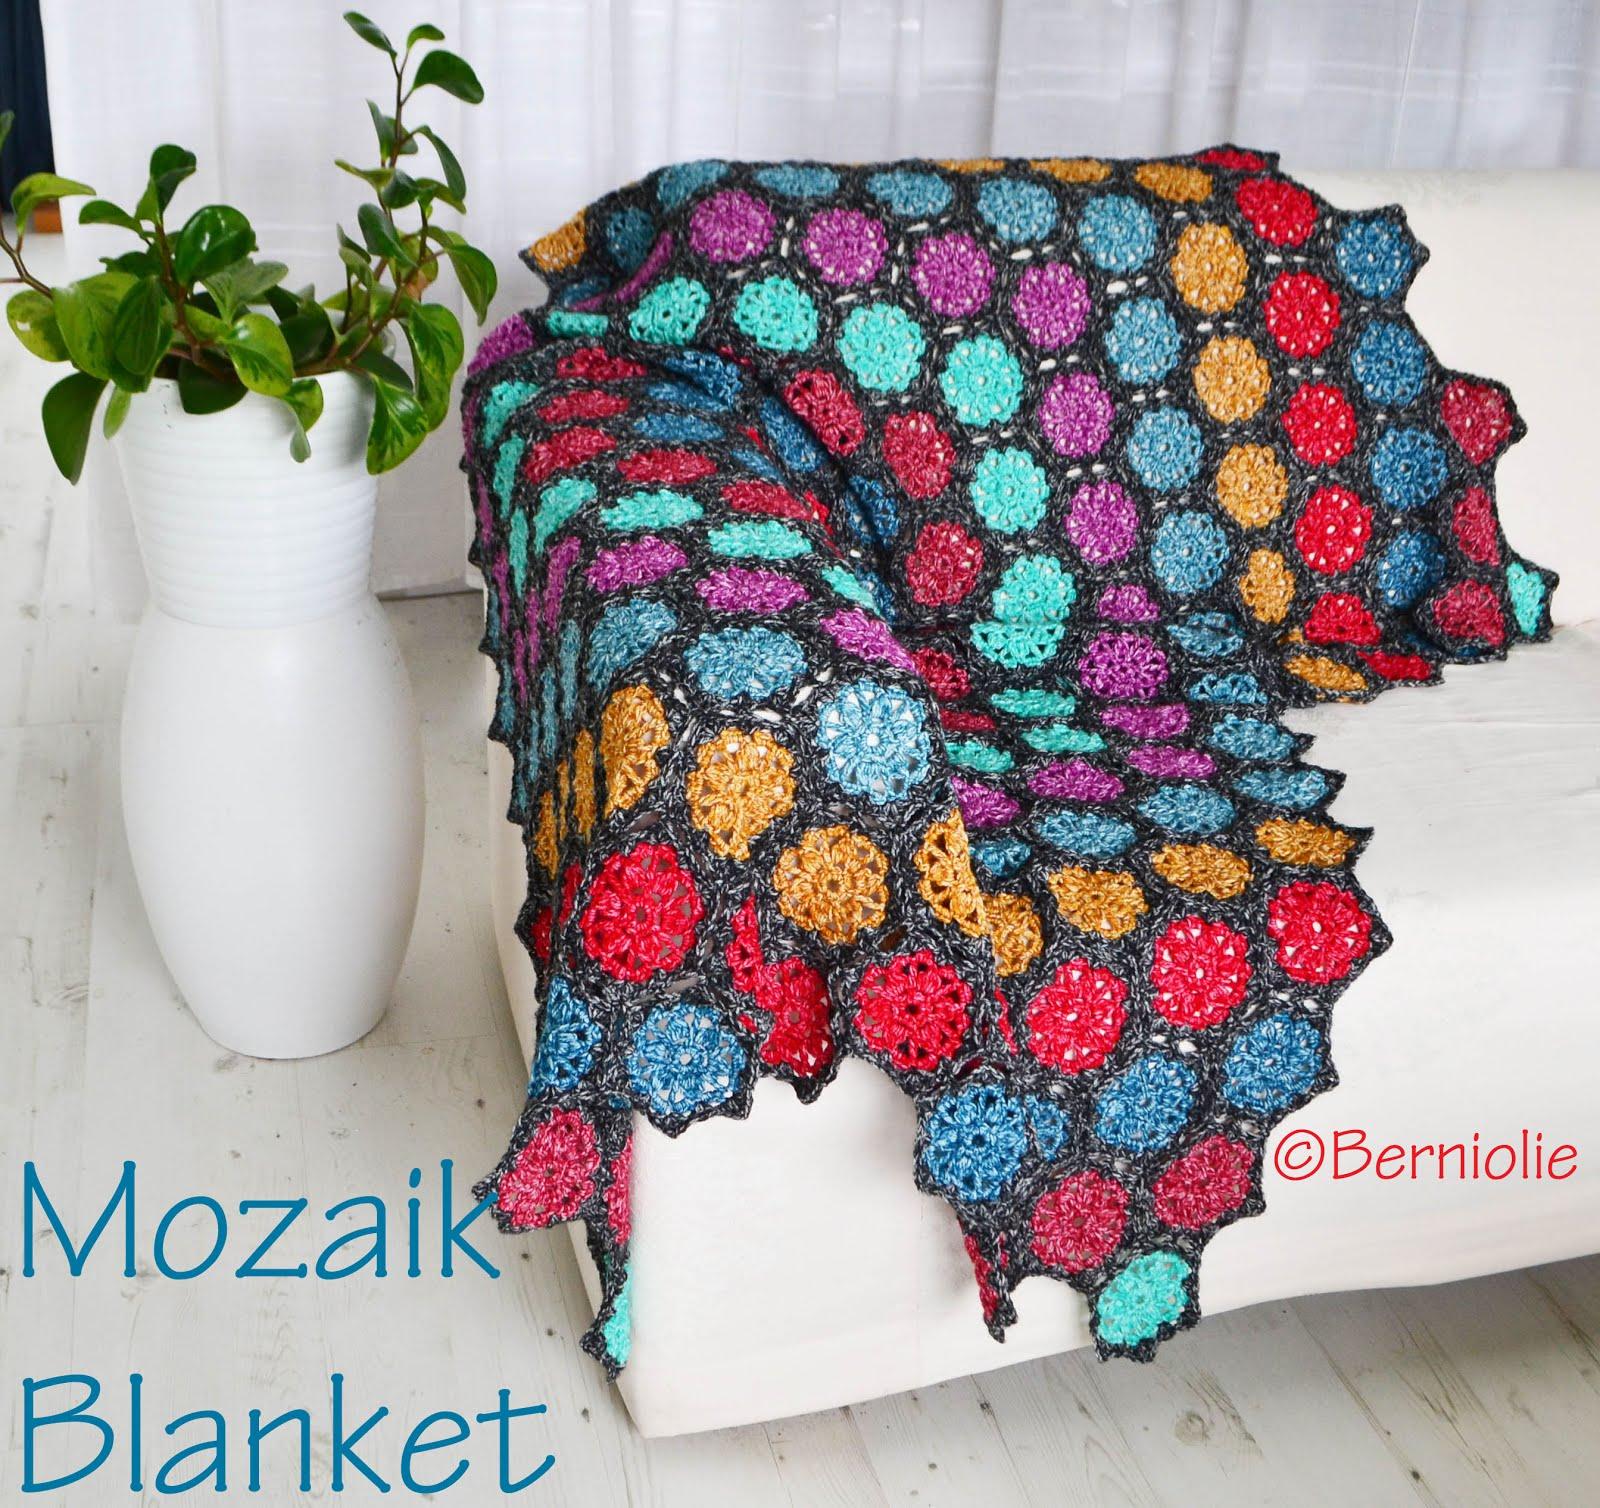 Mozaik Blanket